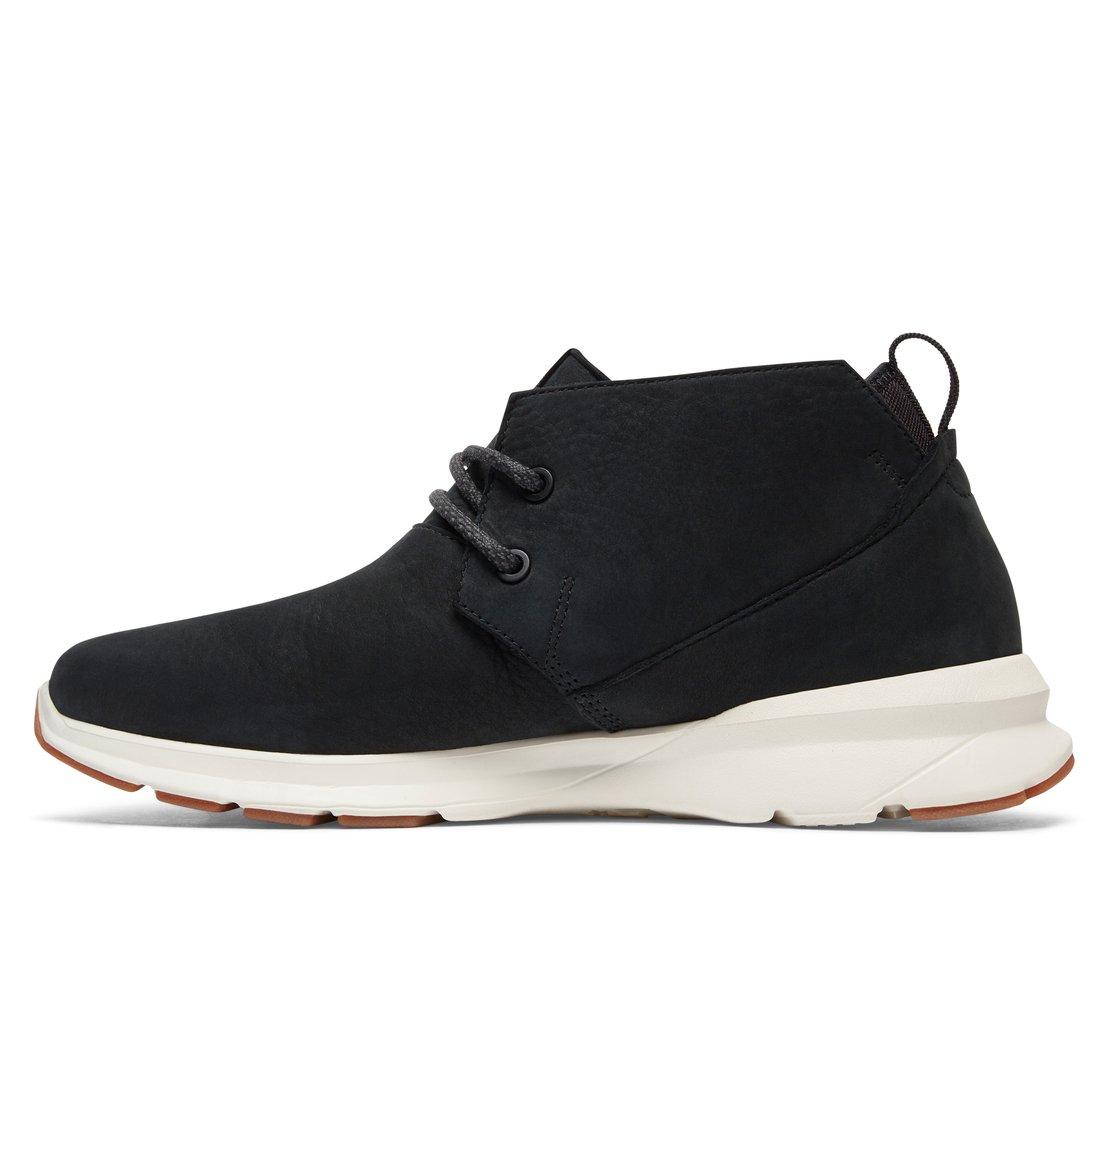 DC Shoes Ashlar LE - Mid-Top Shoes - Zapatillas De Media Bota - Hombre - EU 41 8drT0GHOJ